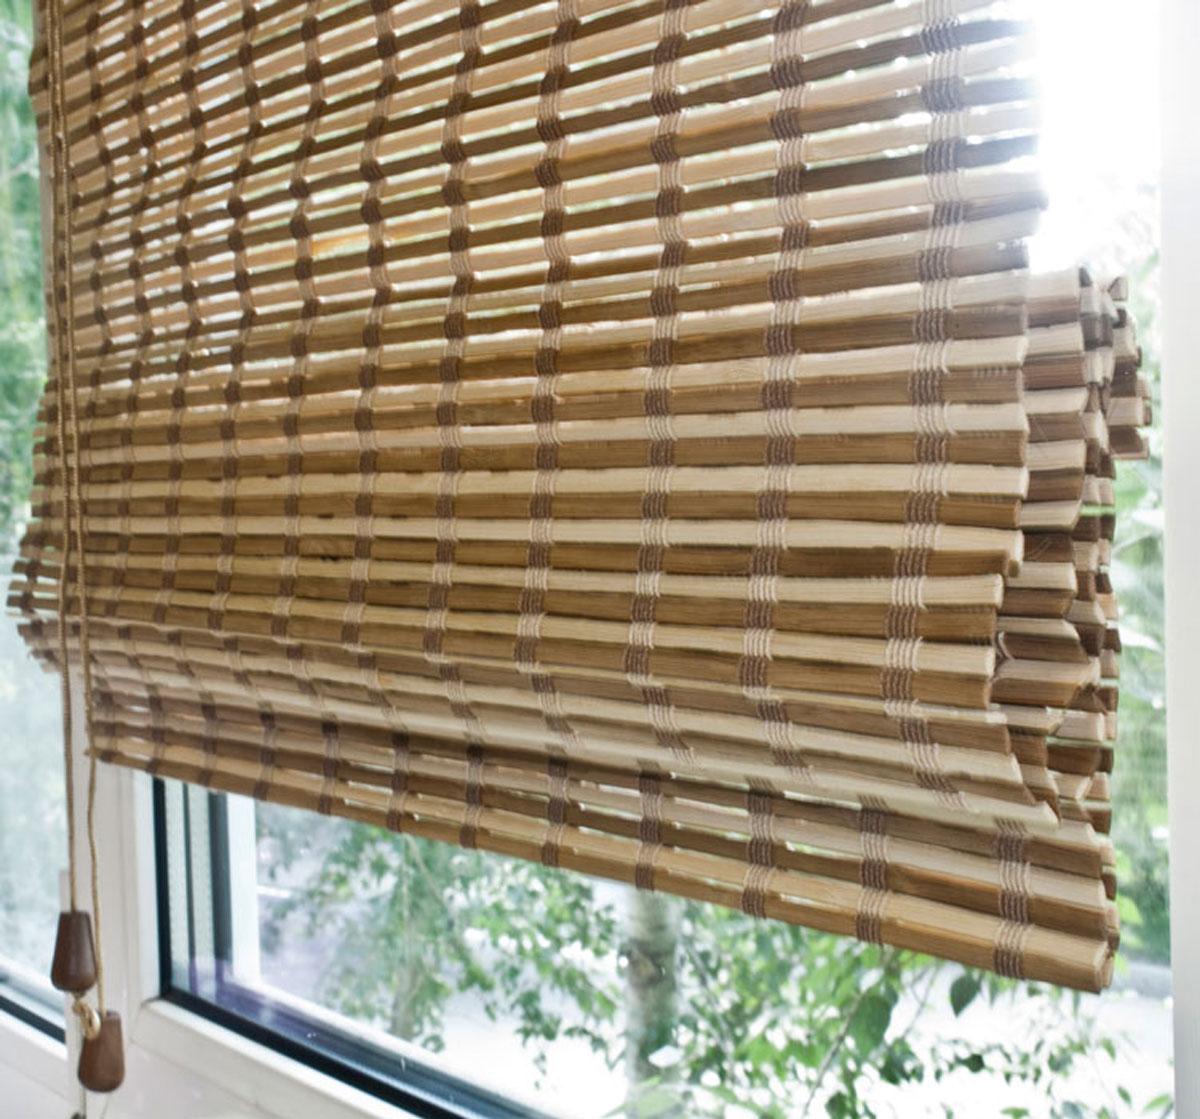 Римская штора Эскар, бамбуковая, цвет: коричневый, бежевый, ширина 160 см, высота 160 см1014140Римская штора Эскар, выполненная из натурального бамбука, является оригинальным современным аксессуаром для создания необычного интерьера в восточном или минималистичном стиле.Римская бамбуковая штора, как и тканевая римская штора, при поднятии образует крупные складки, которые прекрасно декорируют окно. Особенность устройства полотна позволяет свободно пропускать дневной свет, что обеспечивает мягкое освещение комнаты. Римская штора из натурального влагоустойчивого материала легко вписывается в любой интерьер, хорошо сочетается с различной мебелью и элементами отделки. Использование бамбукового полотна придает помещению необычный вид и визуально расширяет пространство. Бамбуковые шторы требуют только сухого ухода: пылесосом, щеткой, веником или влажной (но не мокрой!) губкой. Комплект для монтажа прилагается.